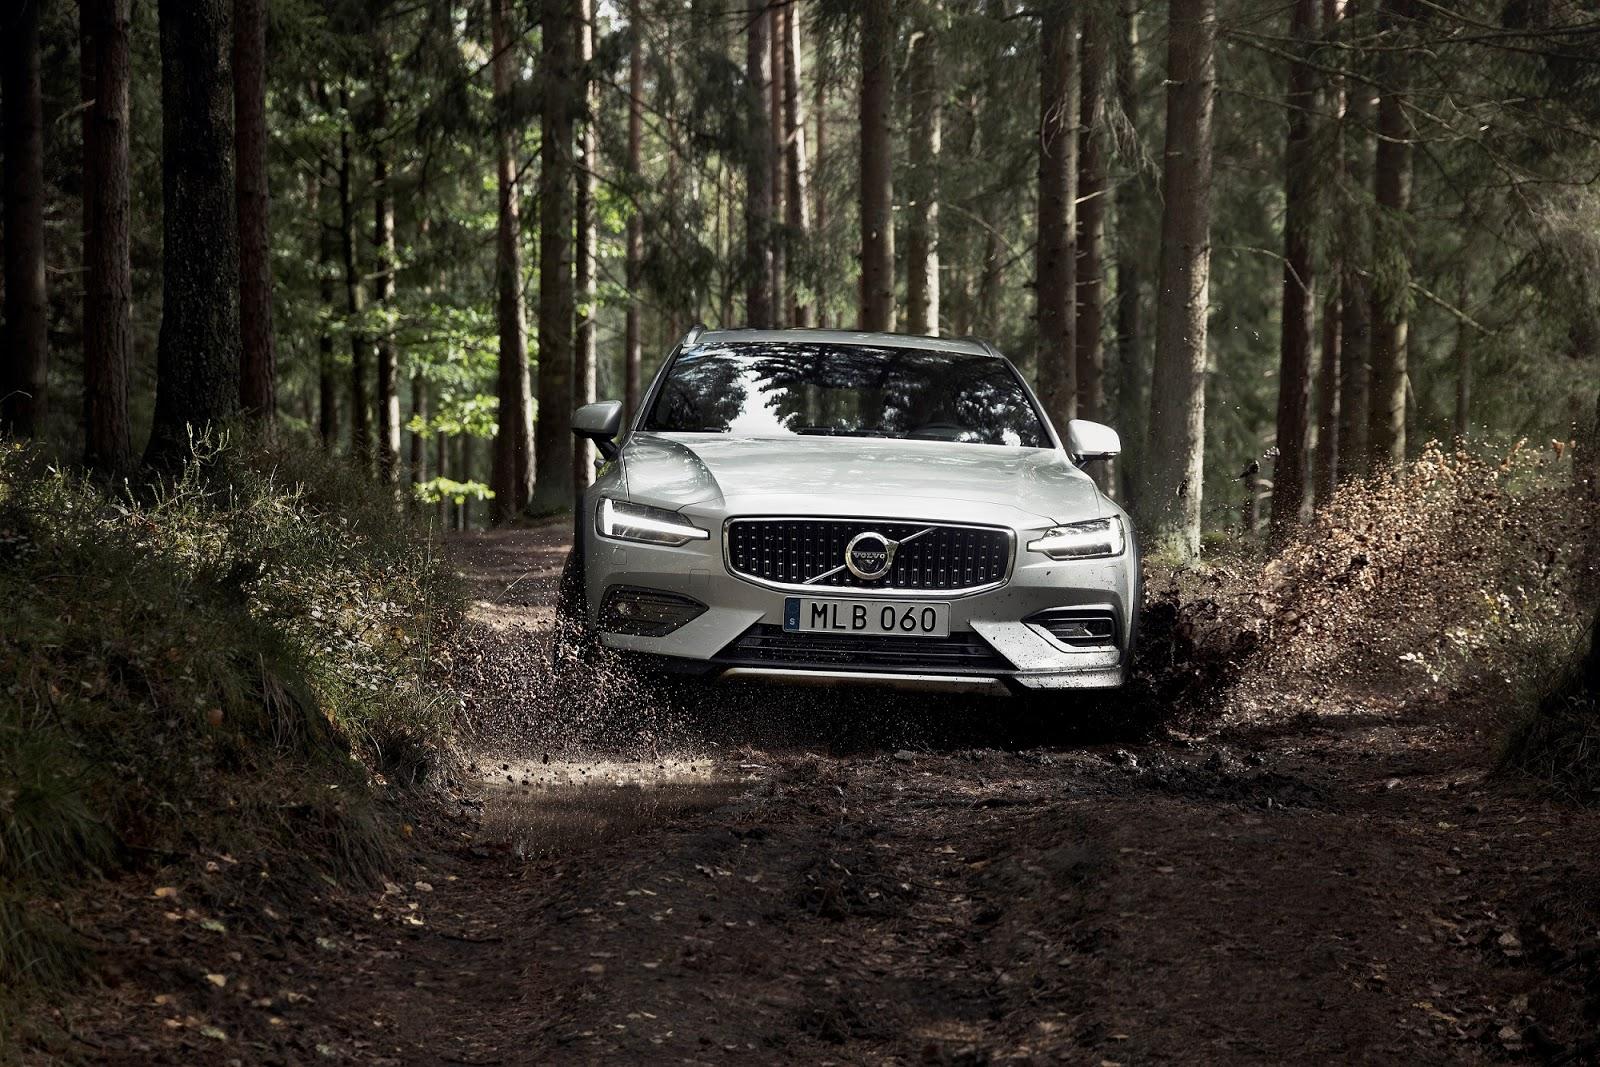 Tο Volvo V60 Cross Country πάτησε Ελλάδα! Volvo, Volvo V60 Cross Country, τιμες